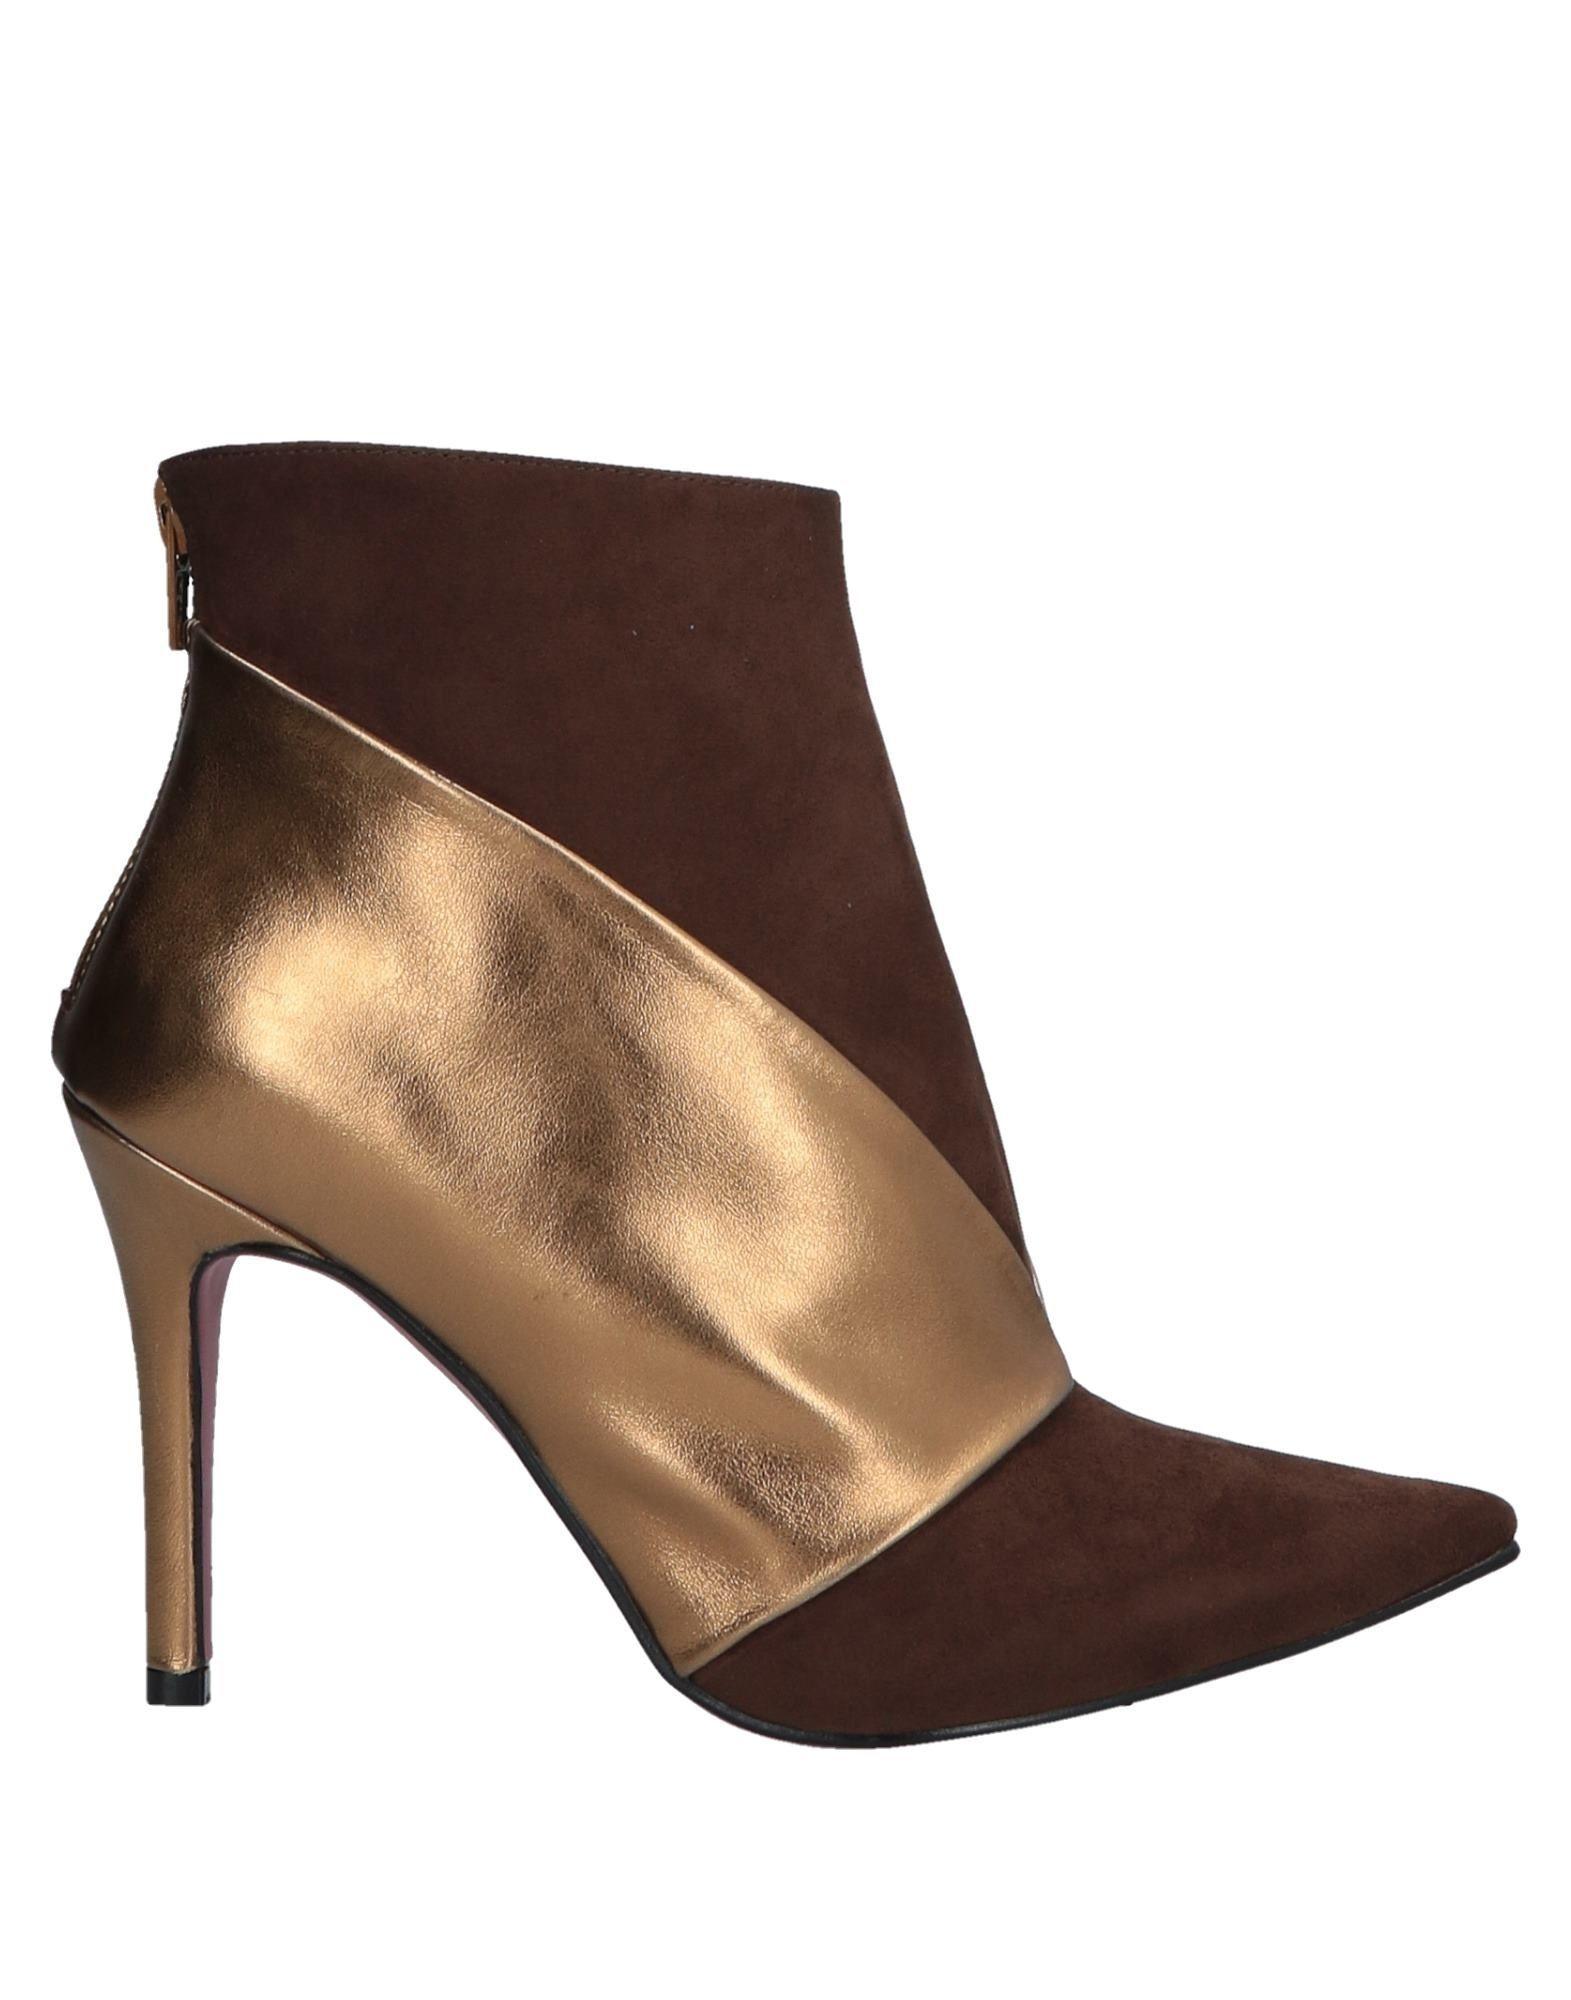 Cuplé Women's Ankle Boots Cocoa Textile Fibres